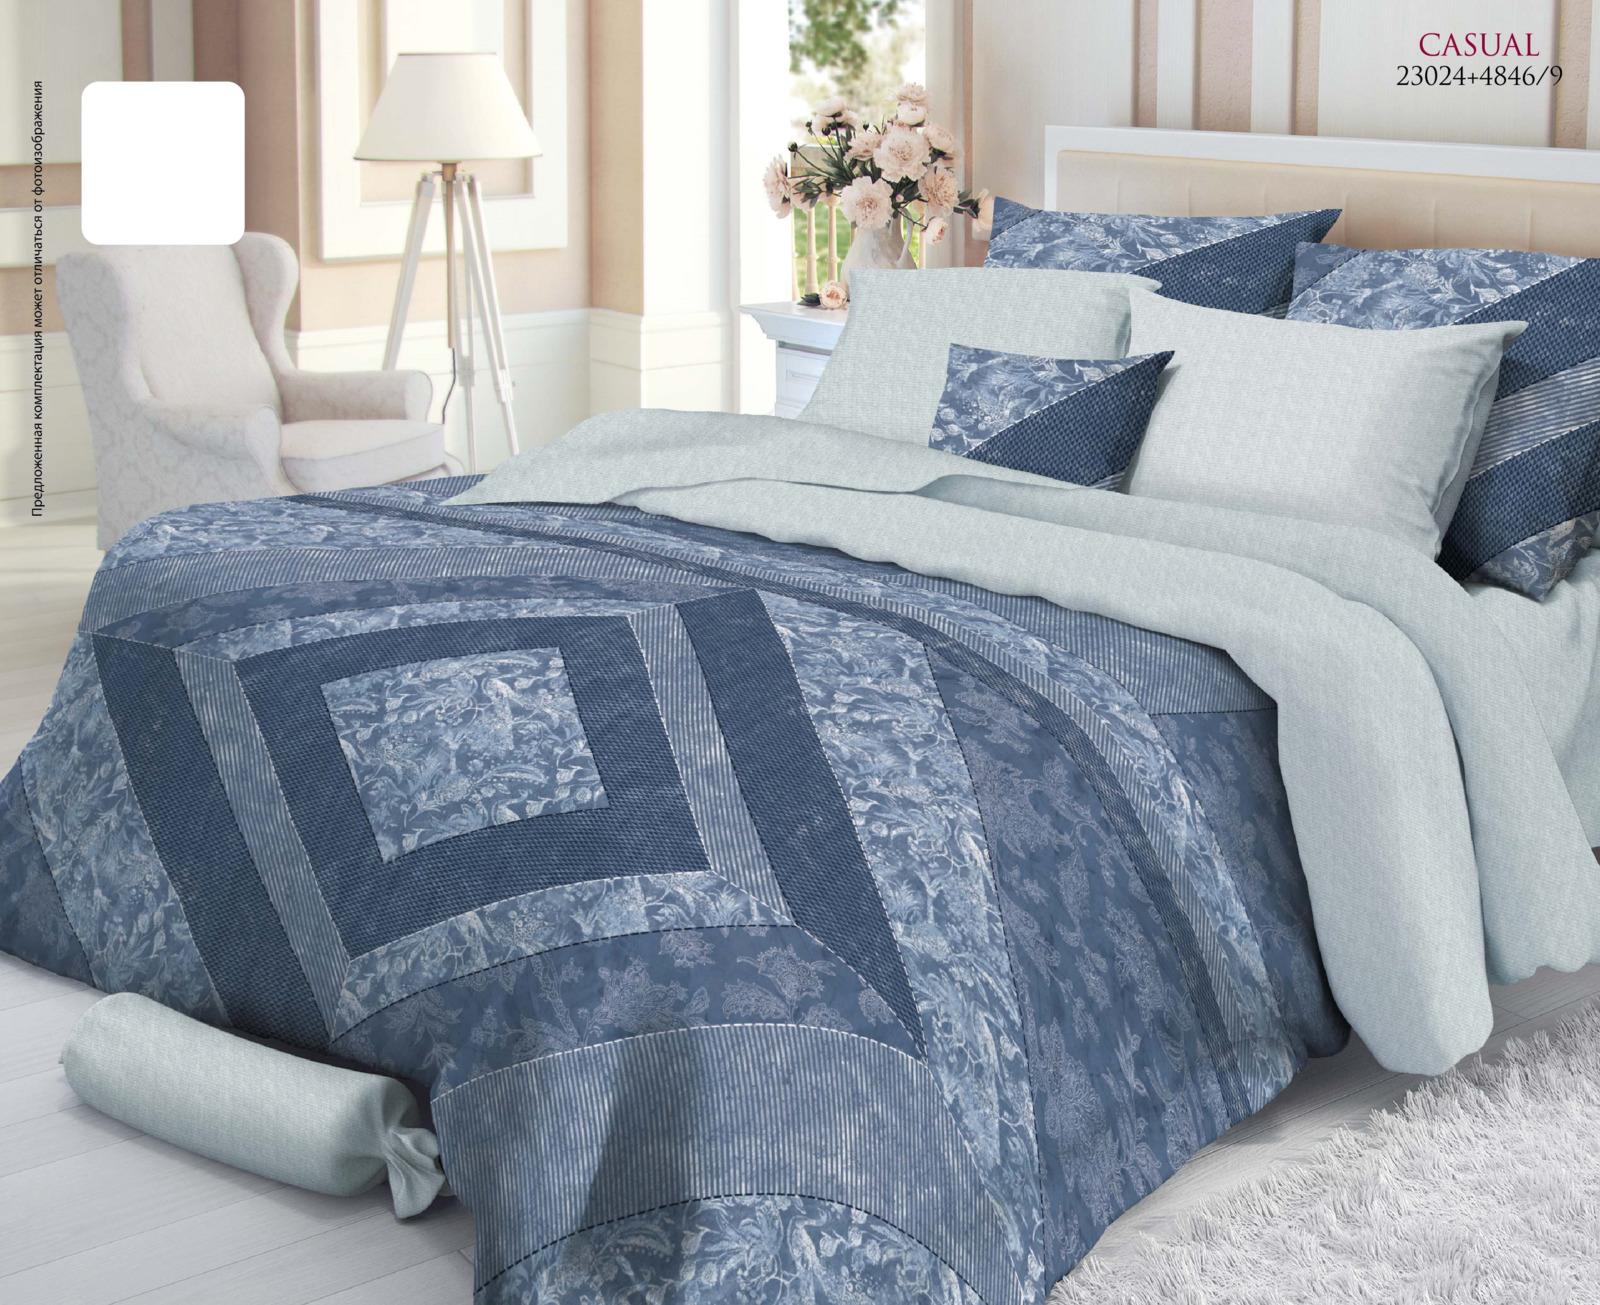 Комплект белья Verossa Casual, 2-спальный, наволочки 50x70